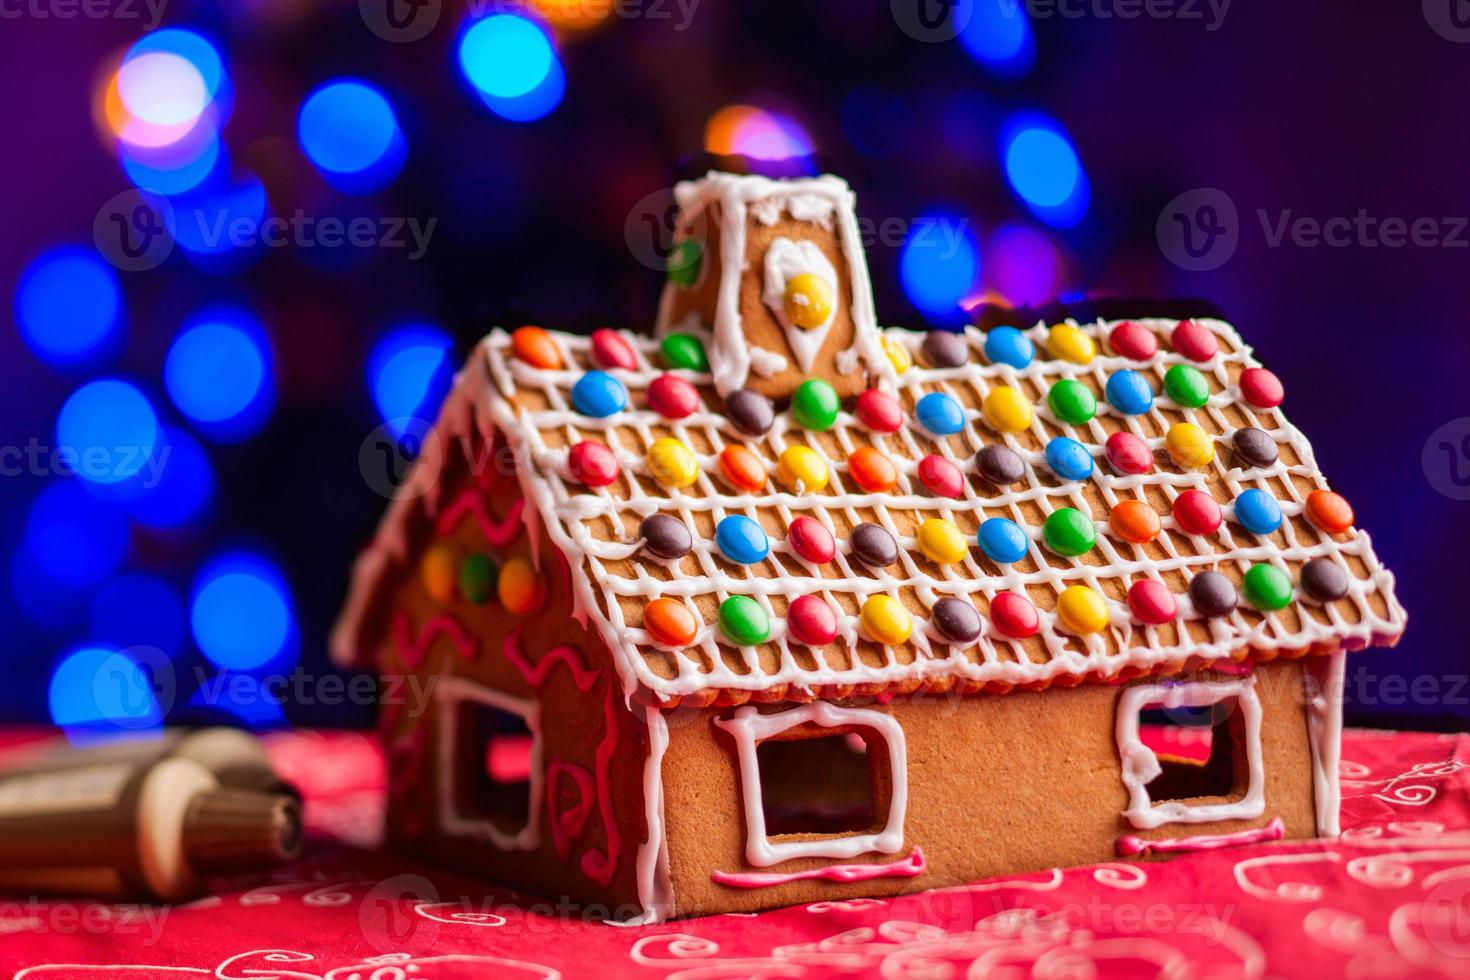 maison en pain d'épice décorée de bonbons colorés photo